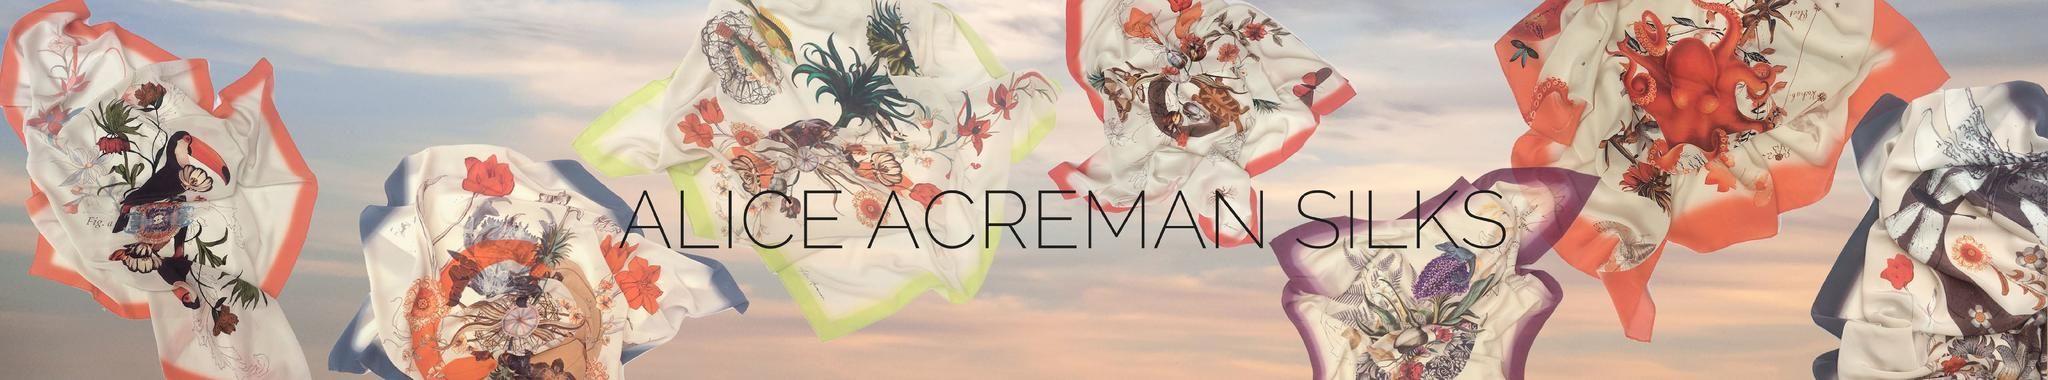 Alice Acreman Silks